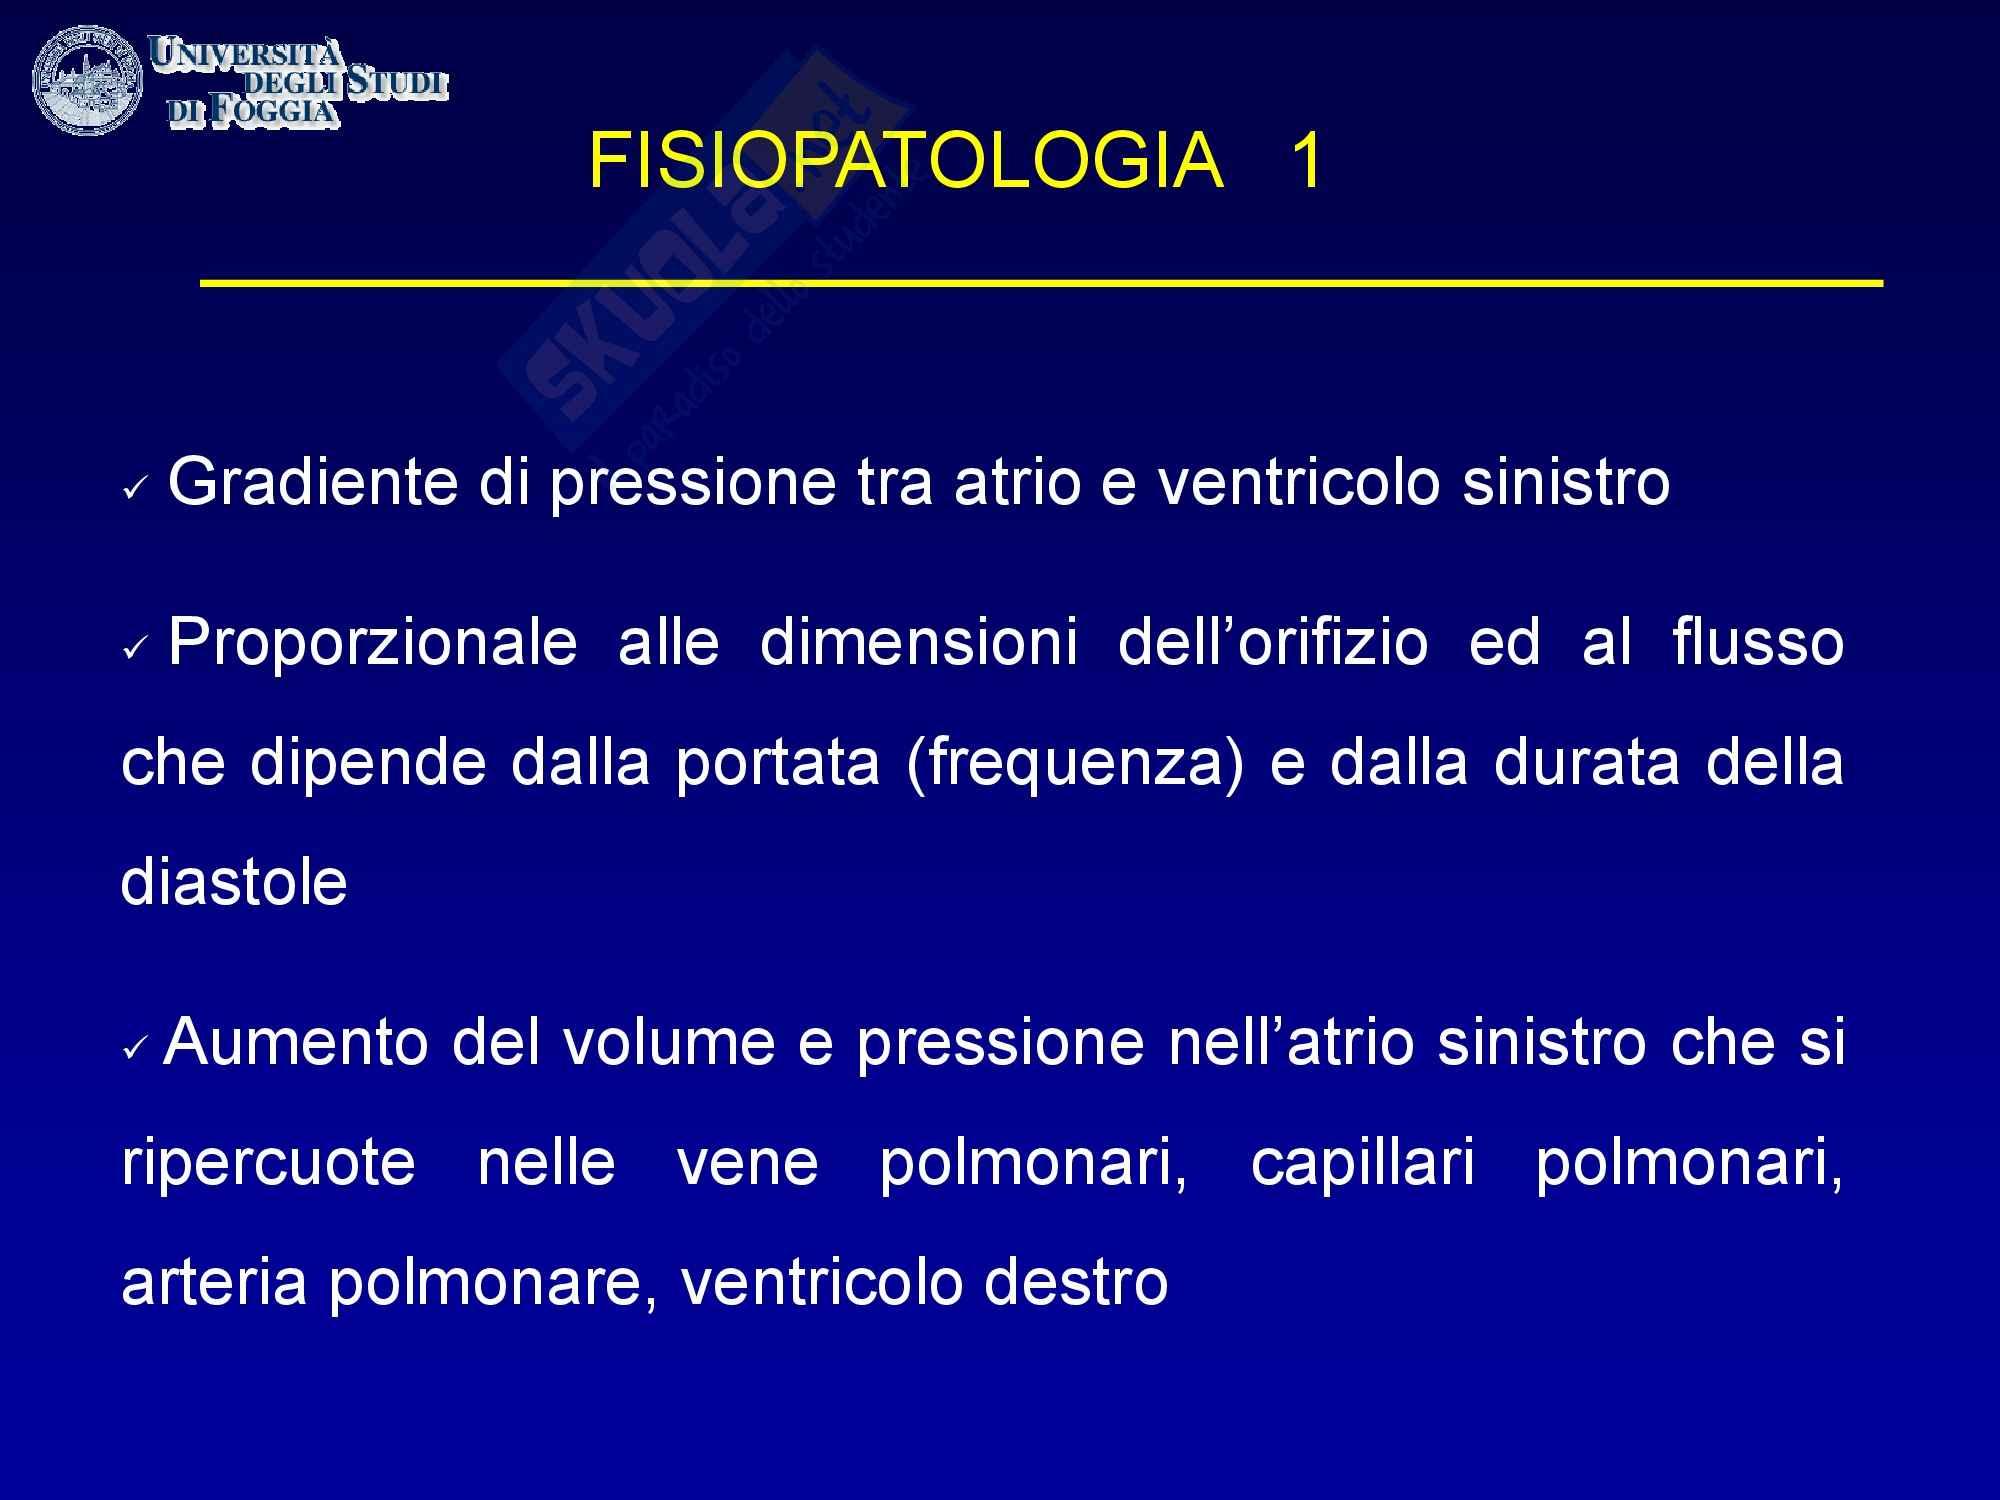 Cardiologia - la fisiopatologia della stenosi mitralica